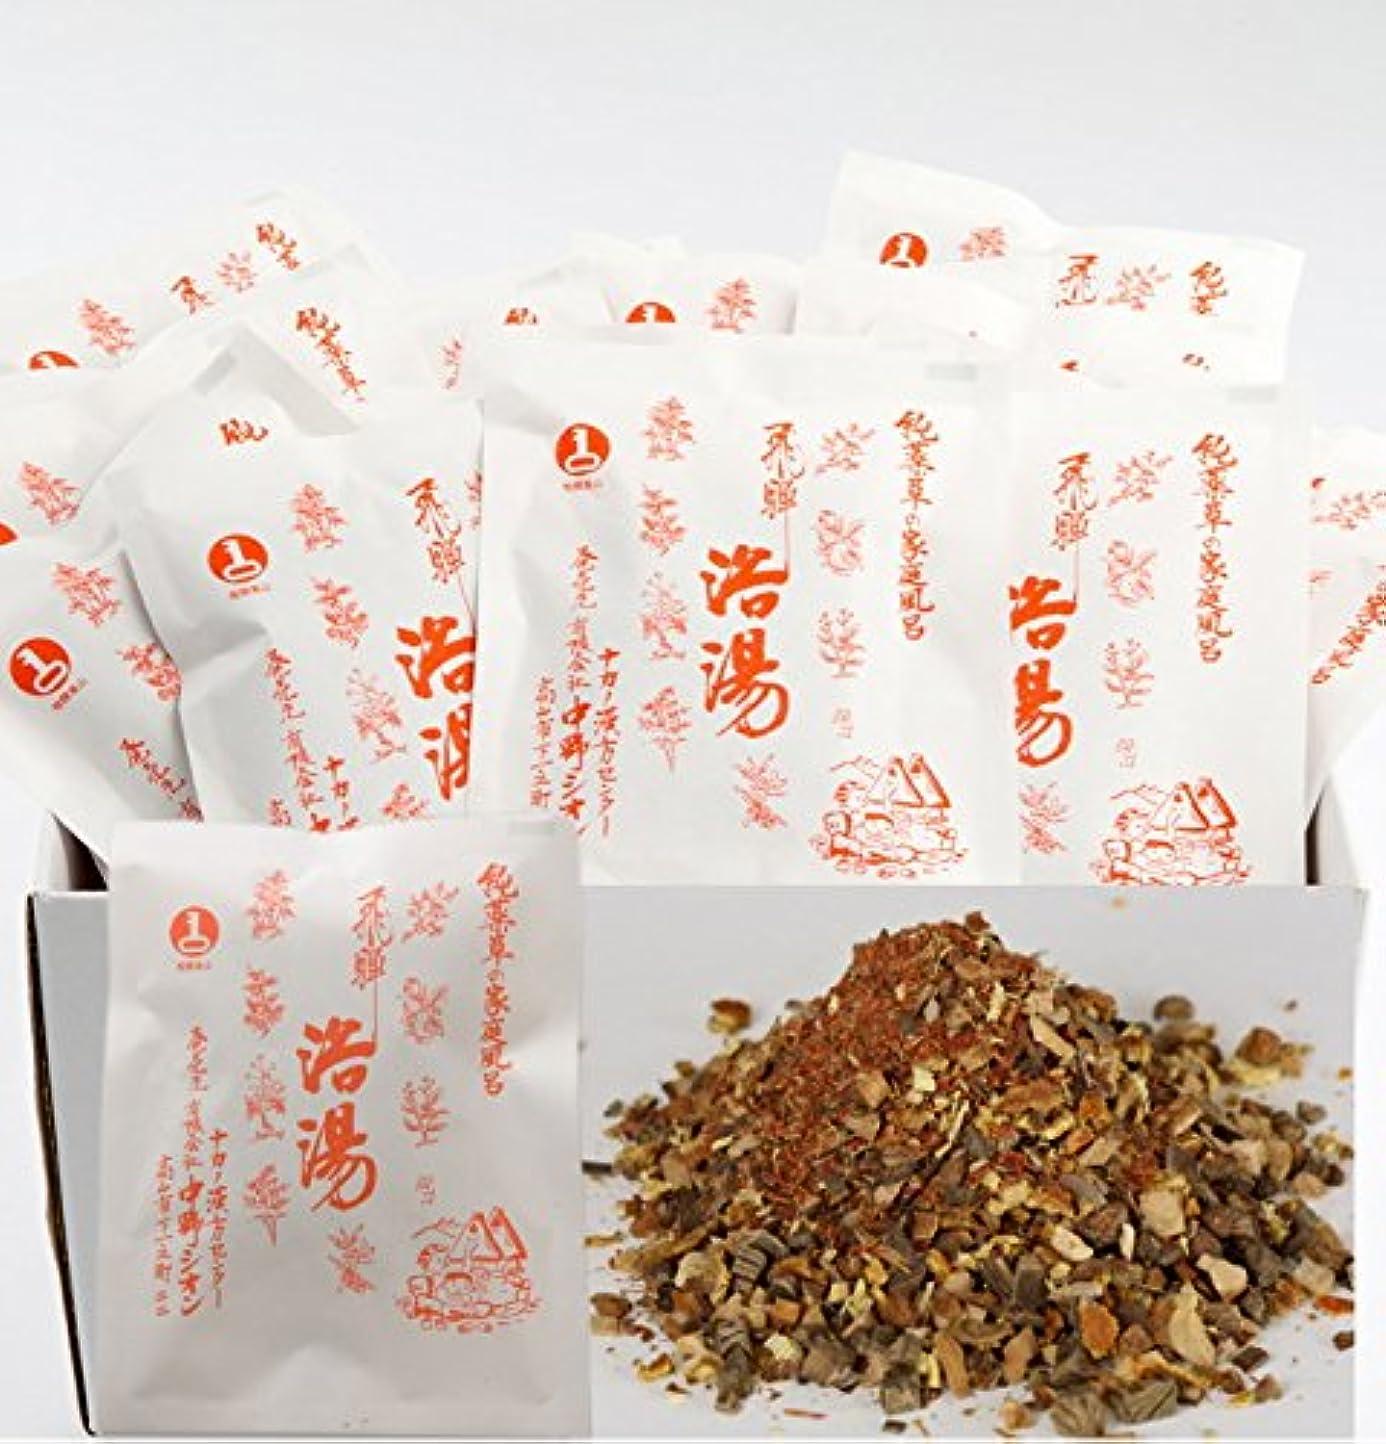 不純グラフィックタオル浴湯 飛騨浴湯 ~純薬草のお風呂~ 15袋(15包)セット